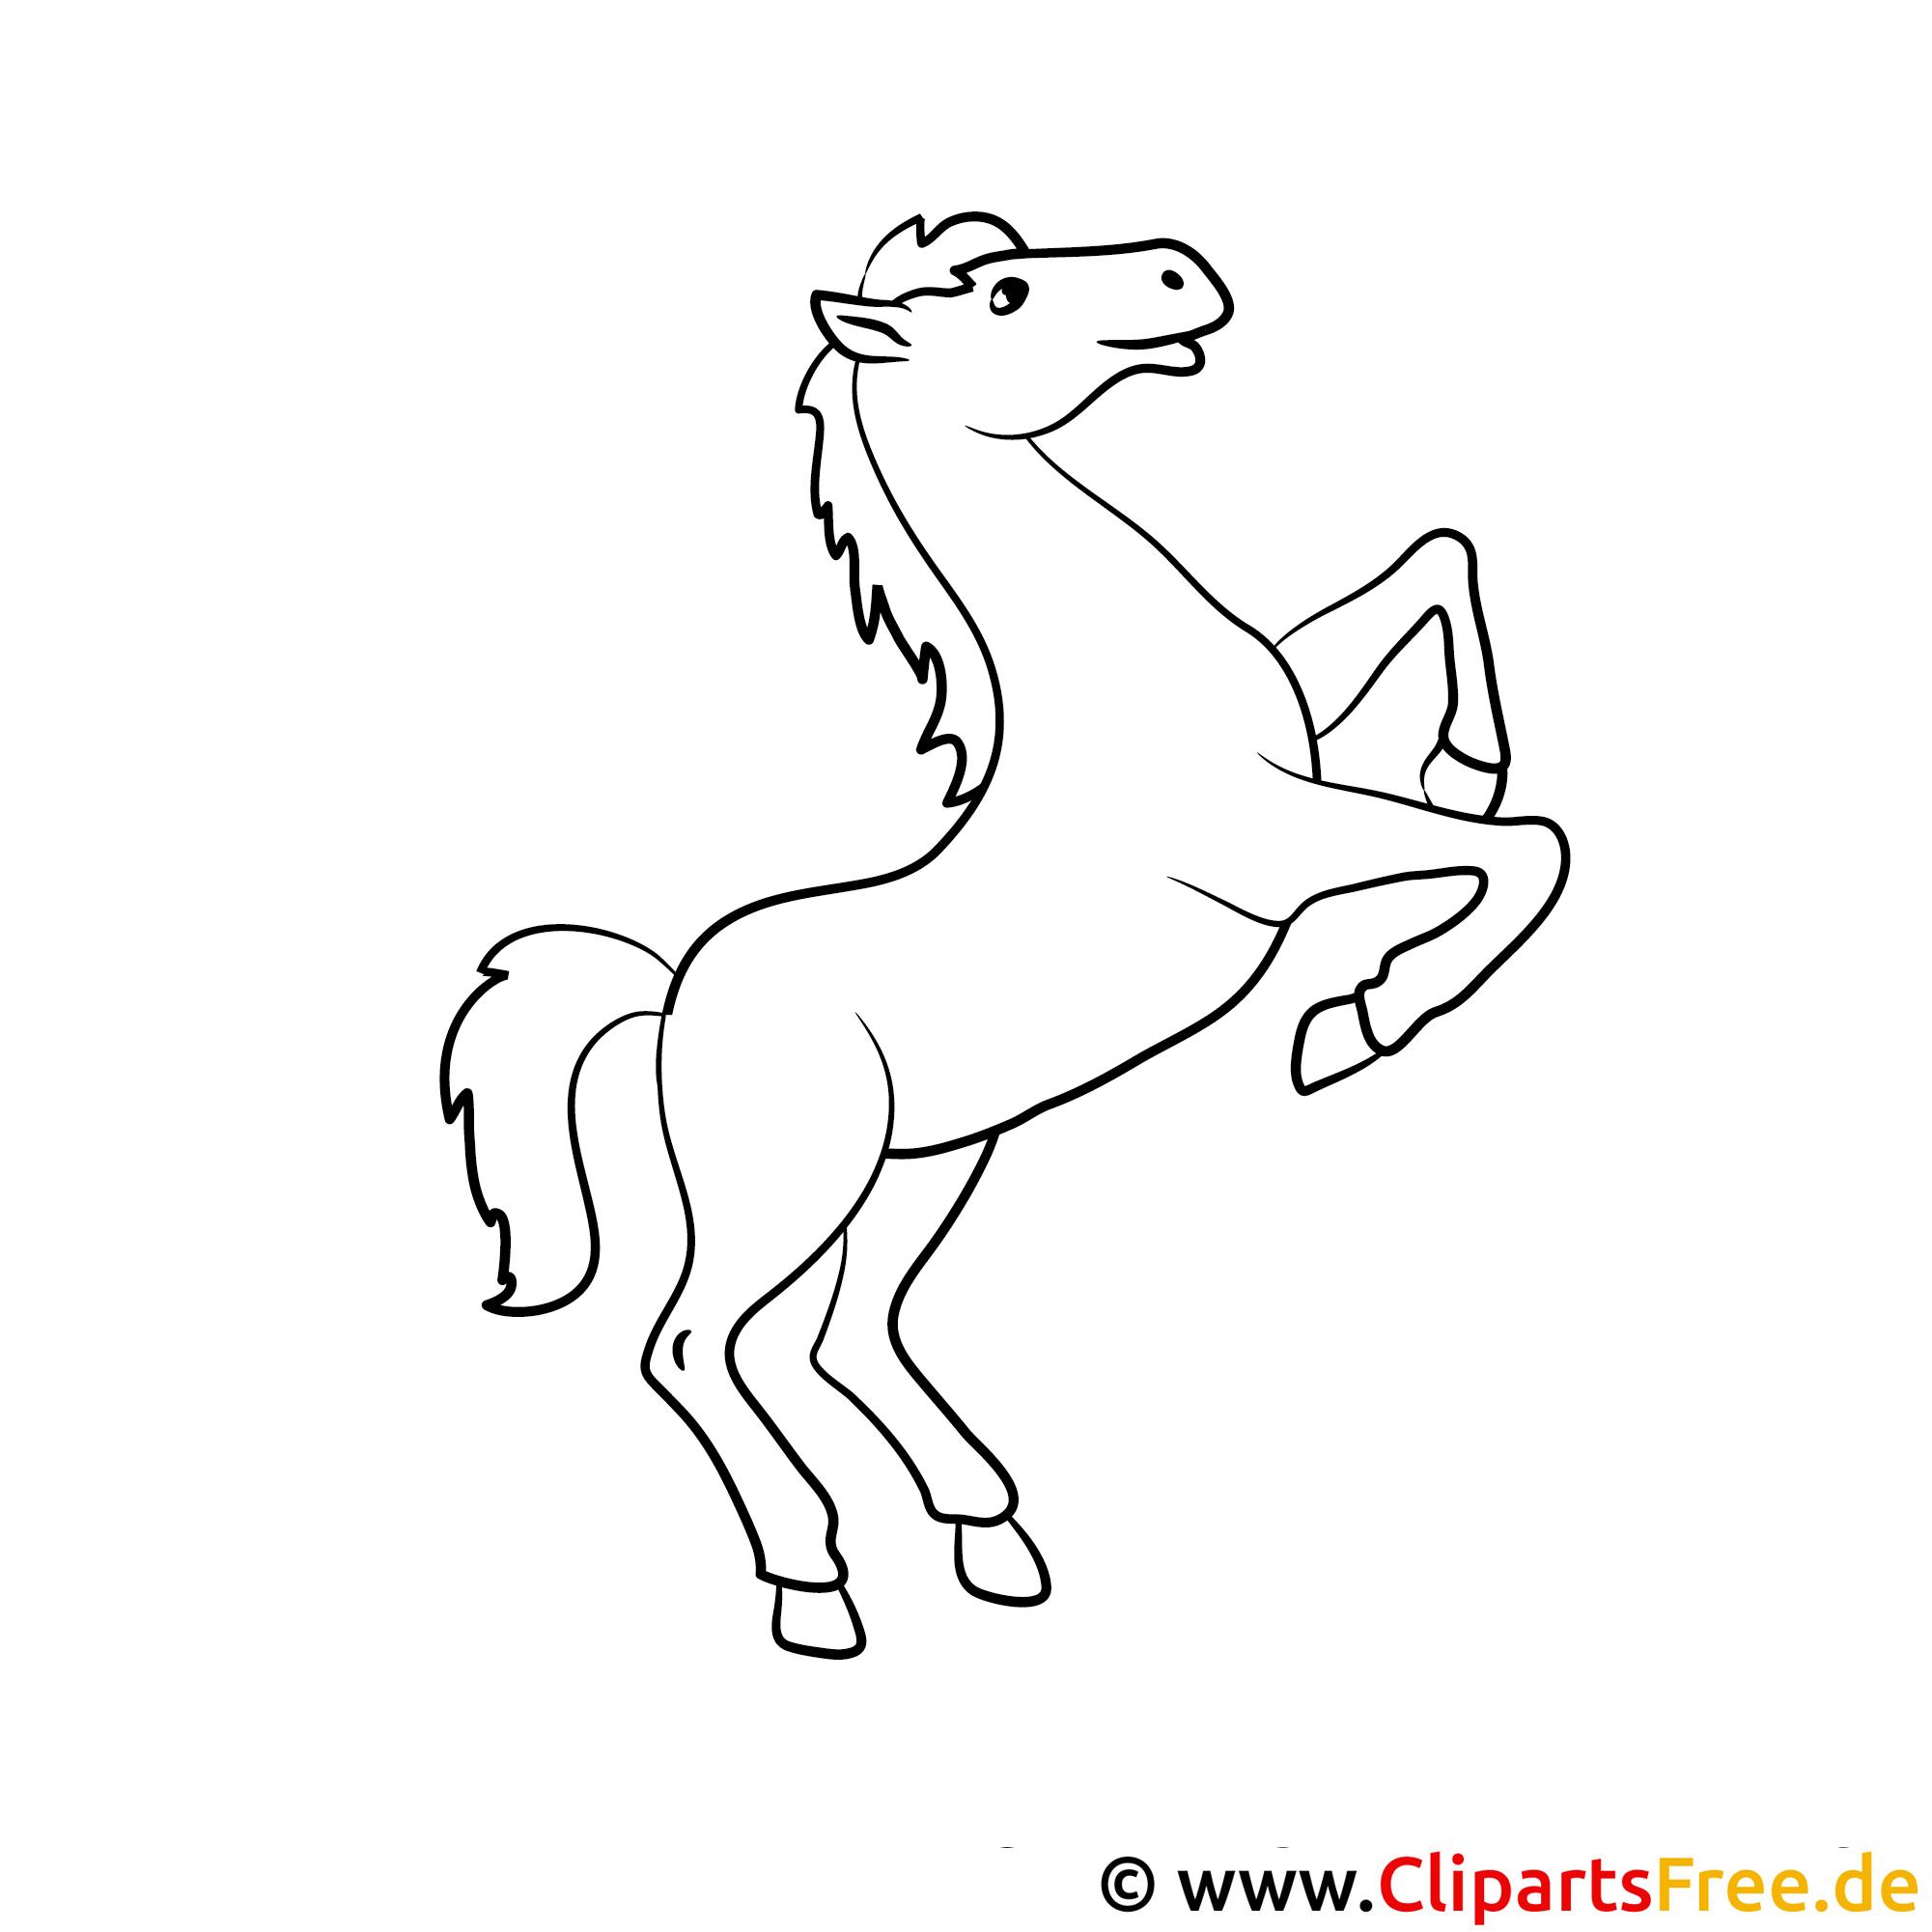 pferd auf zwei beinen ausmalbild kostenlos